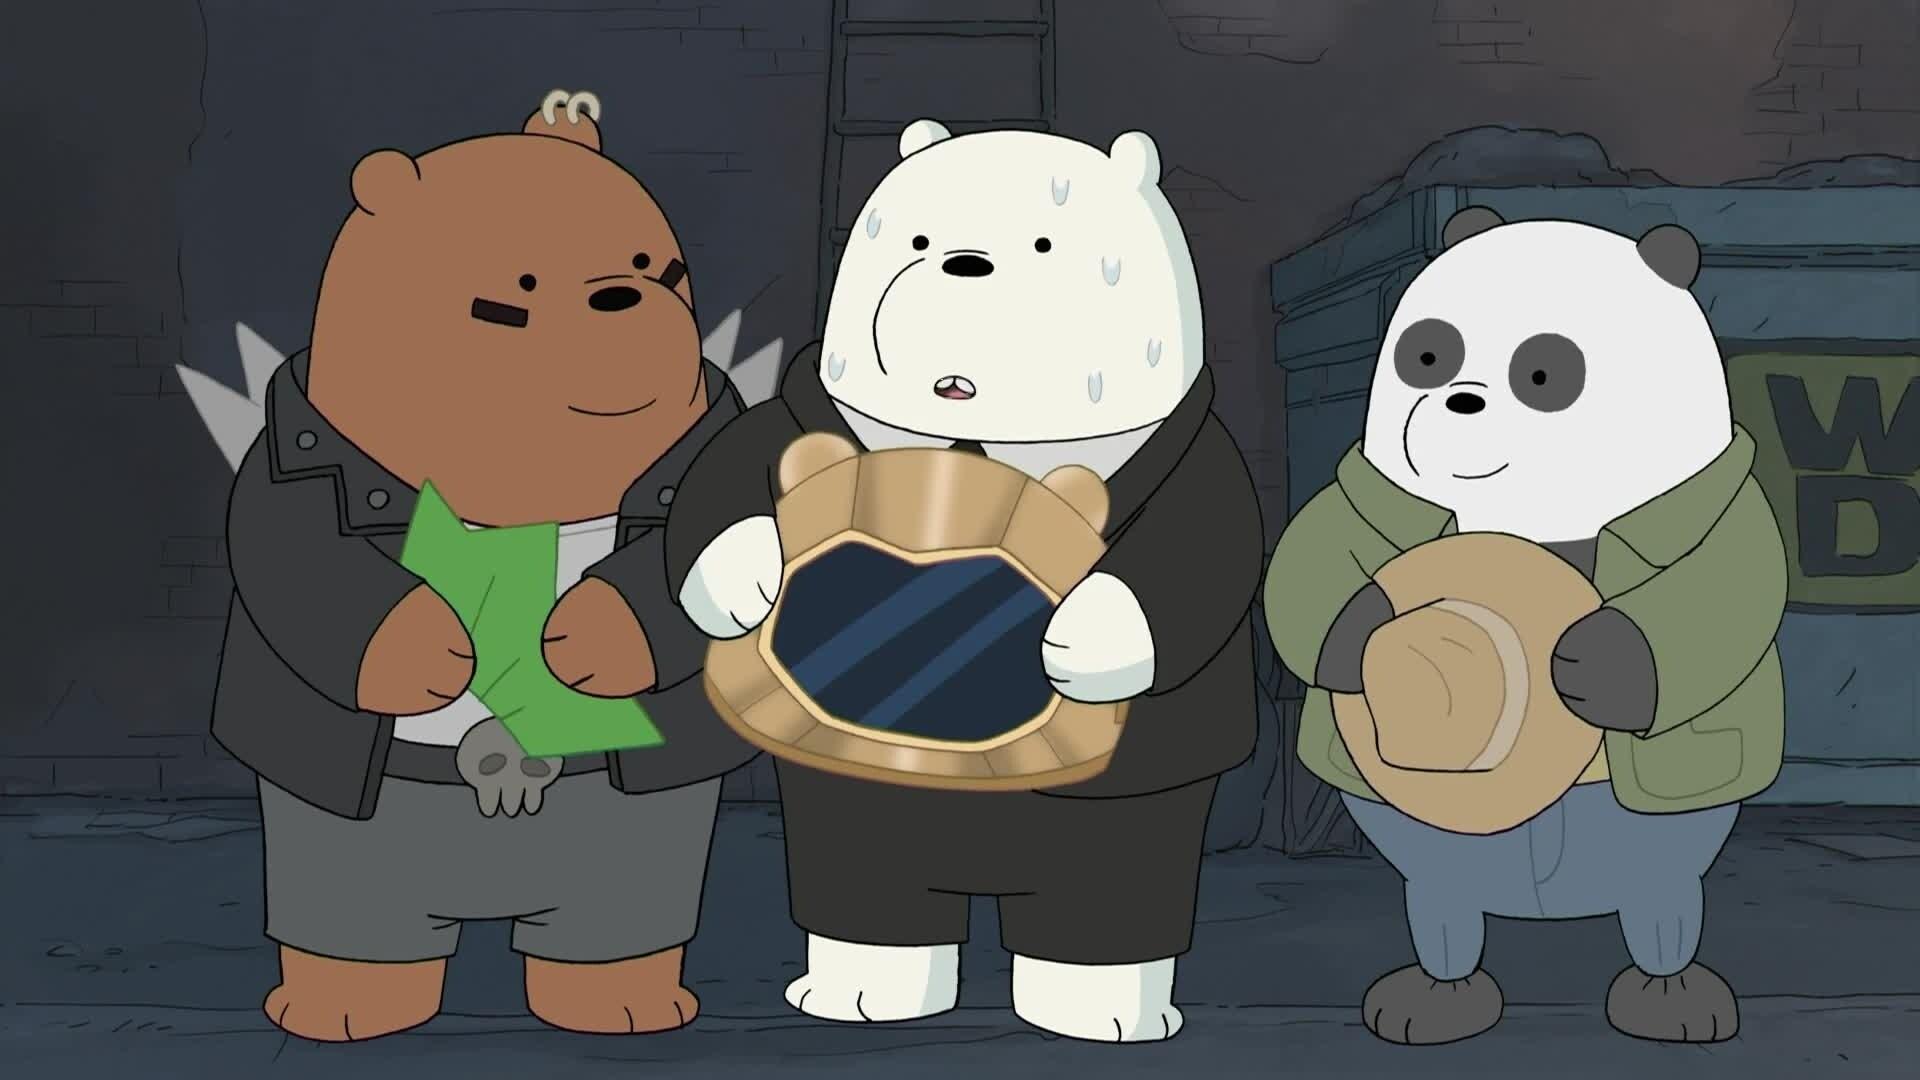 We Bare Bears - Bären wie wir - Wir und die Pizza-Band / Wir und die Balz